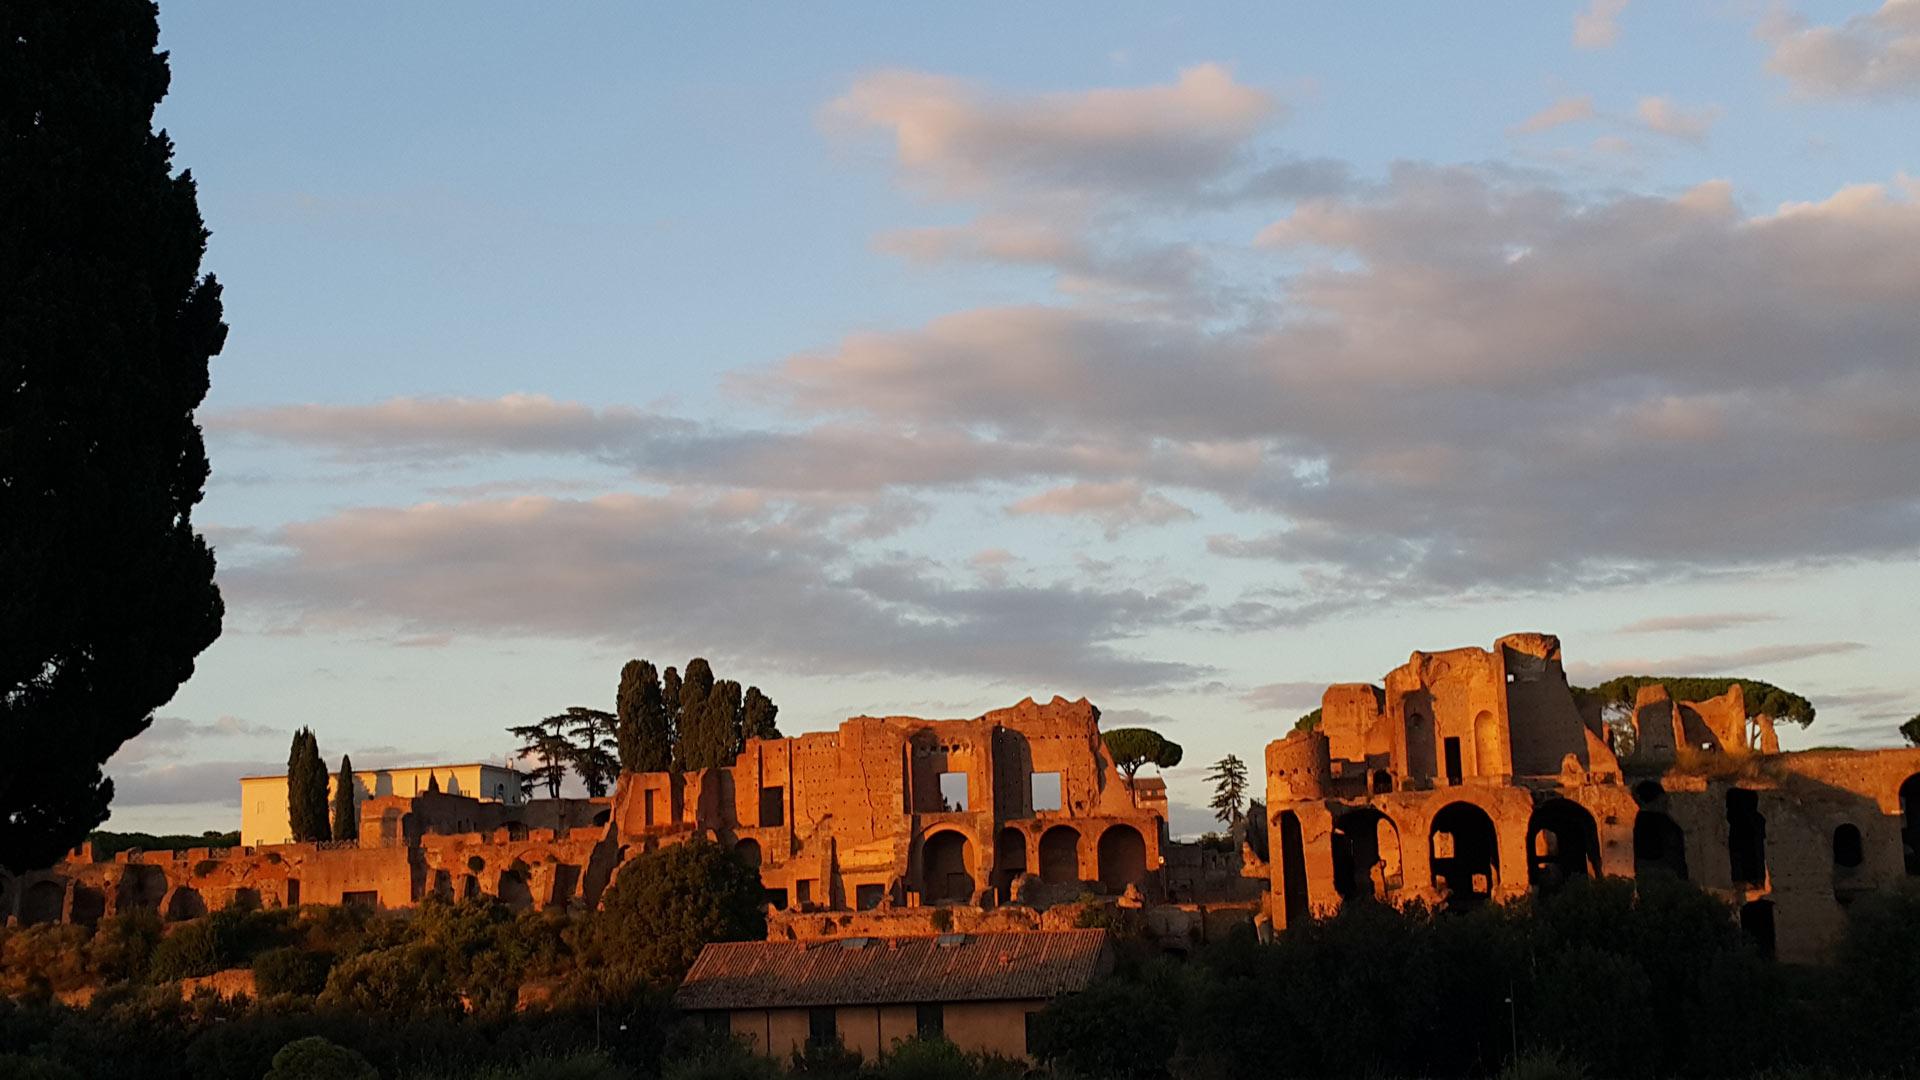 forum-romain02